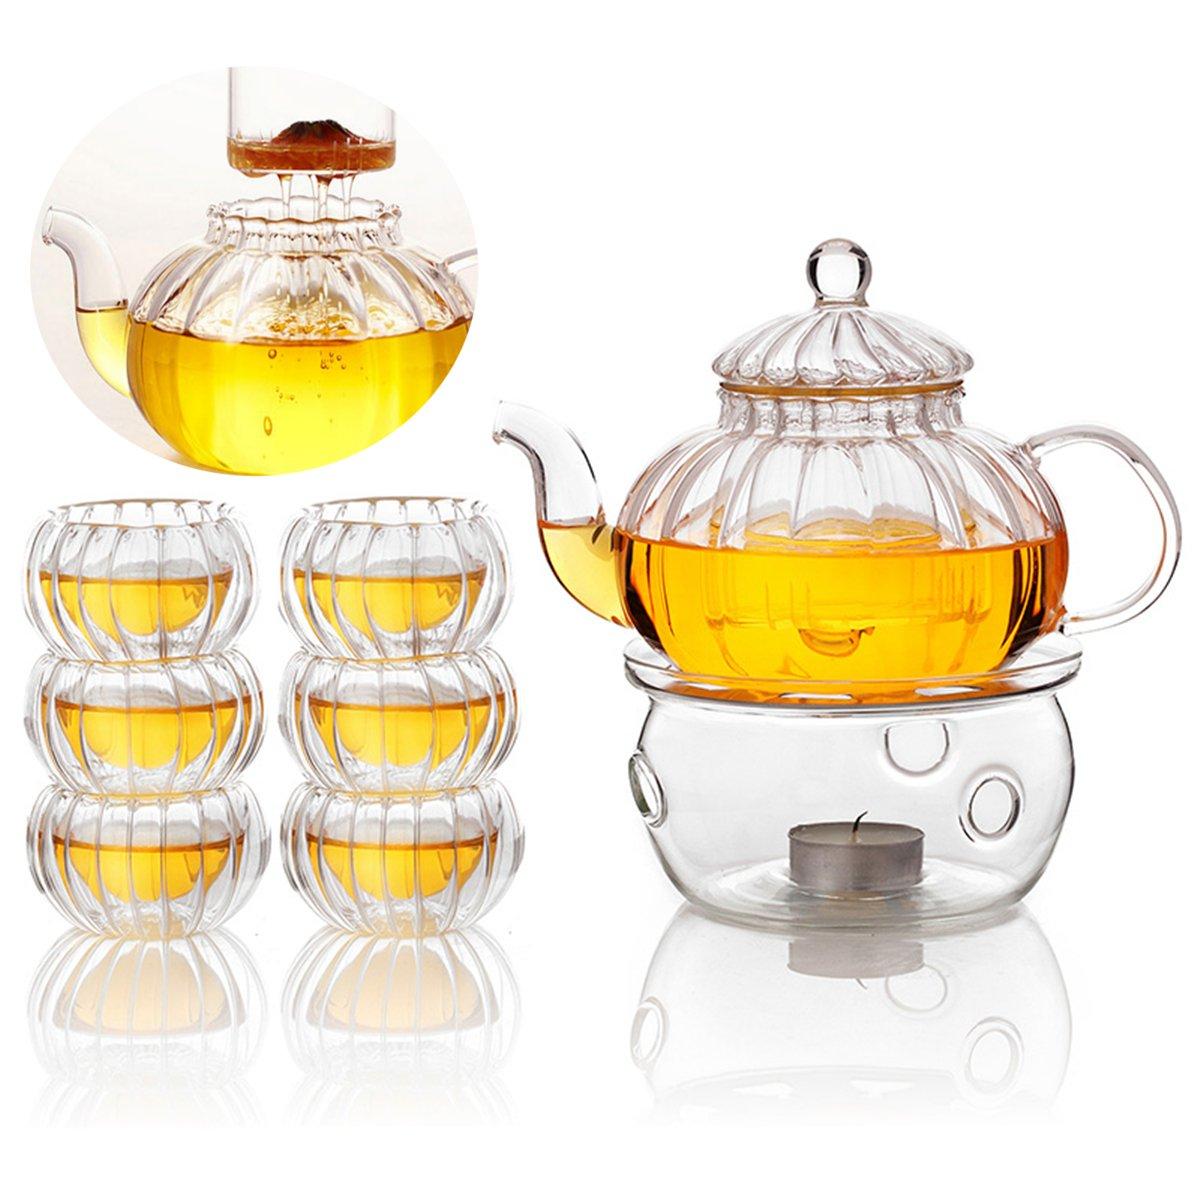 LYEJM 600ml 6 Cups Tealight Warmer Clear Pumpkin Tea Glass Pot Set Infuser Coffee Pot LYEJM by LYEJM (Image #2)